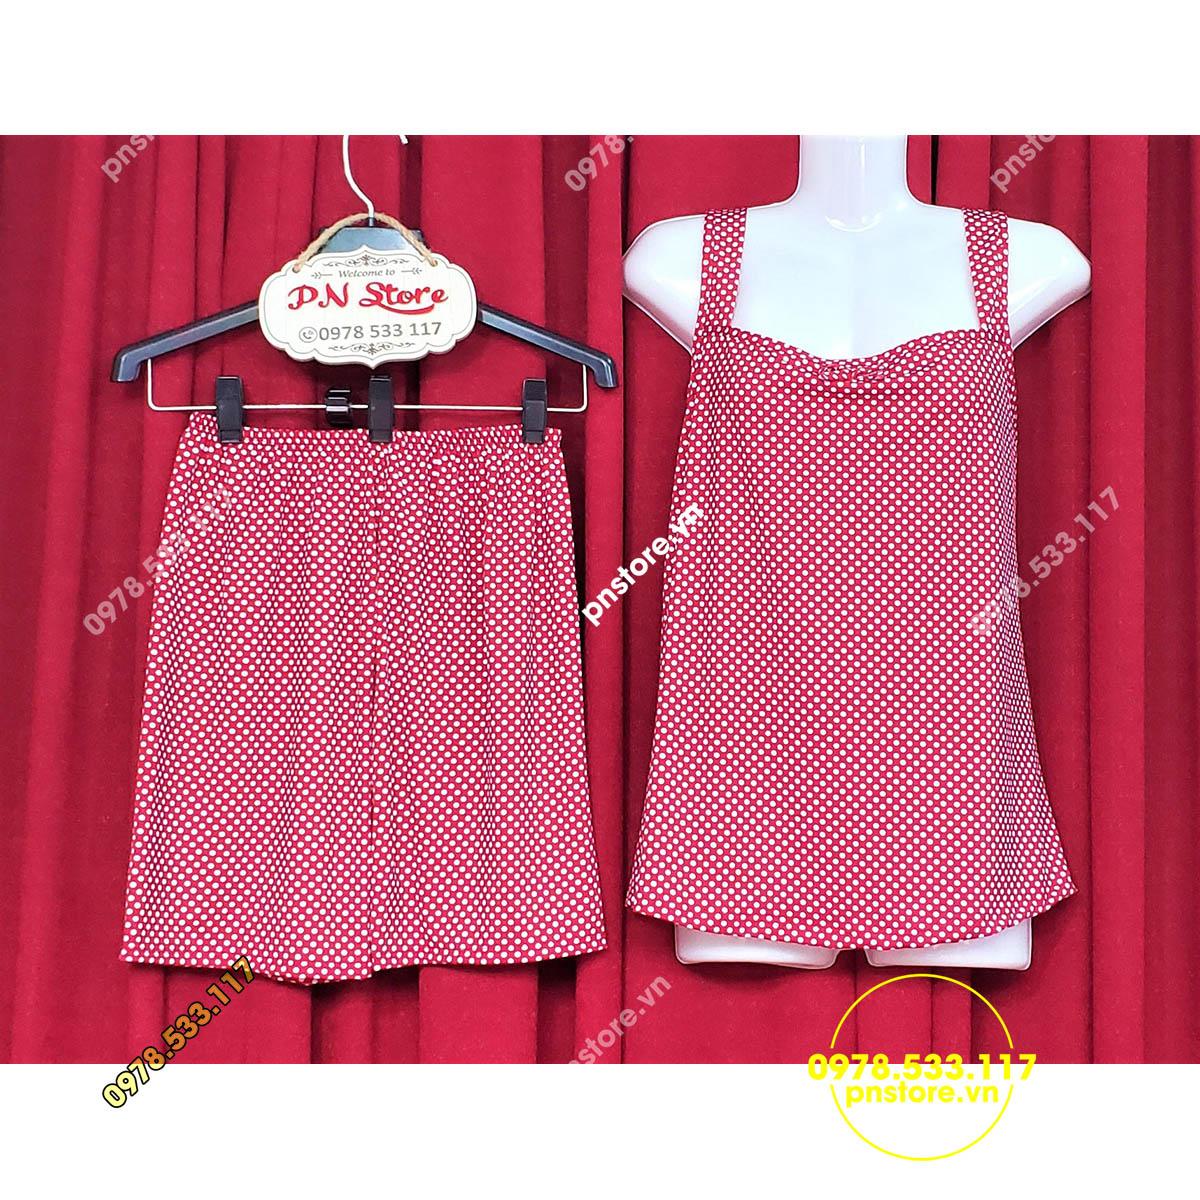 (45-62kg) Đồ bộ đùi thun mặc nhà quai bảng chấm bi dễ thương - PN45519